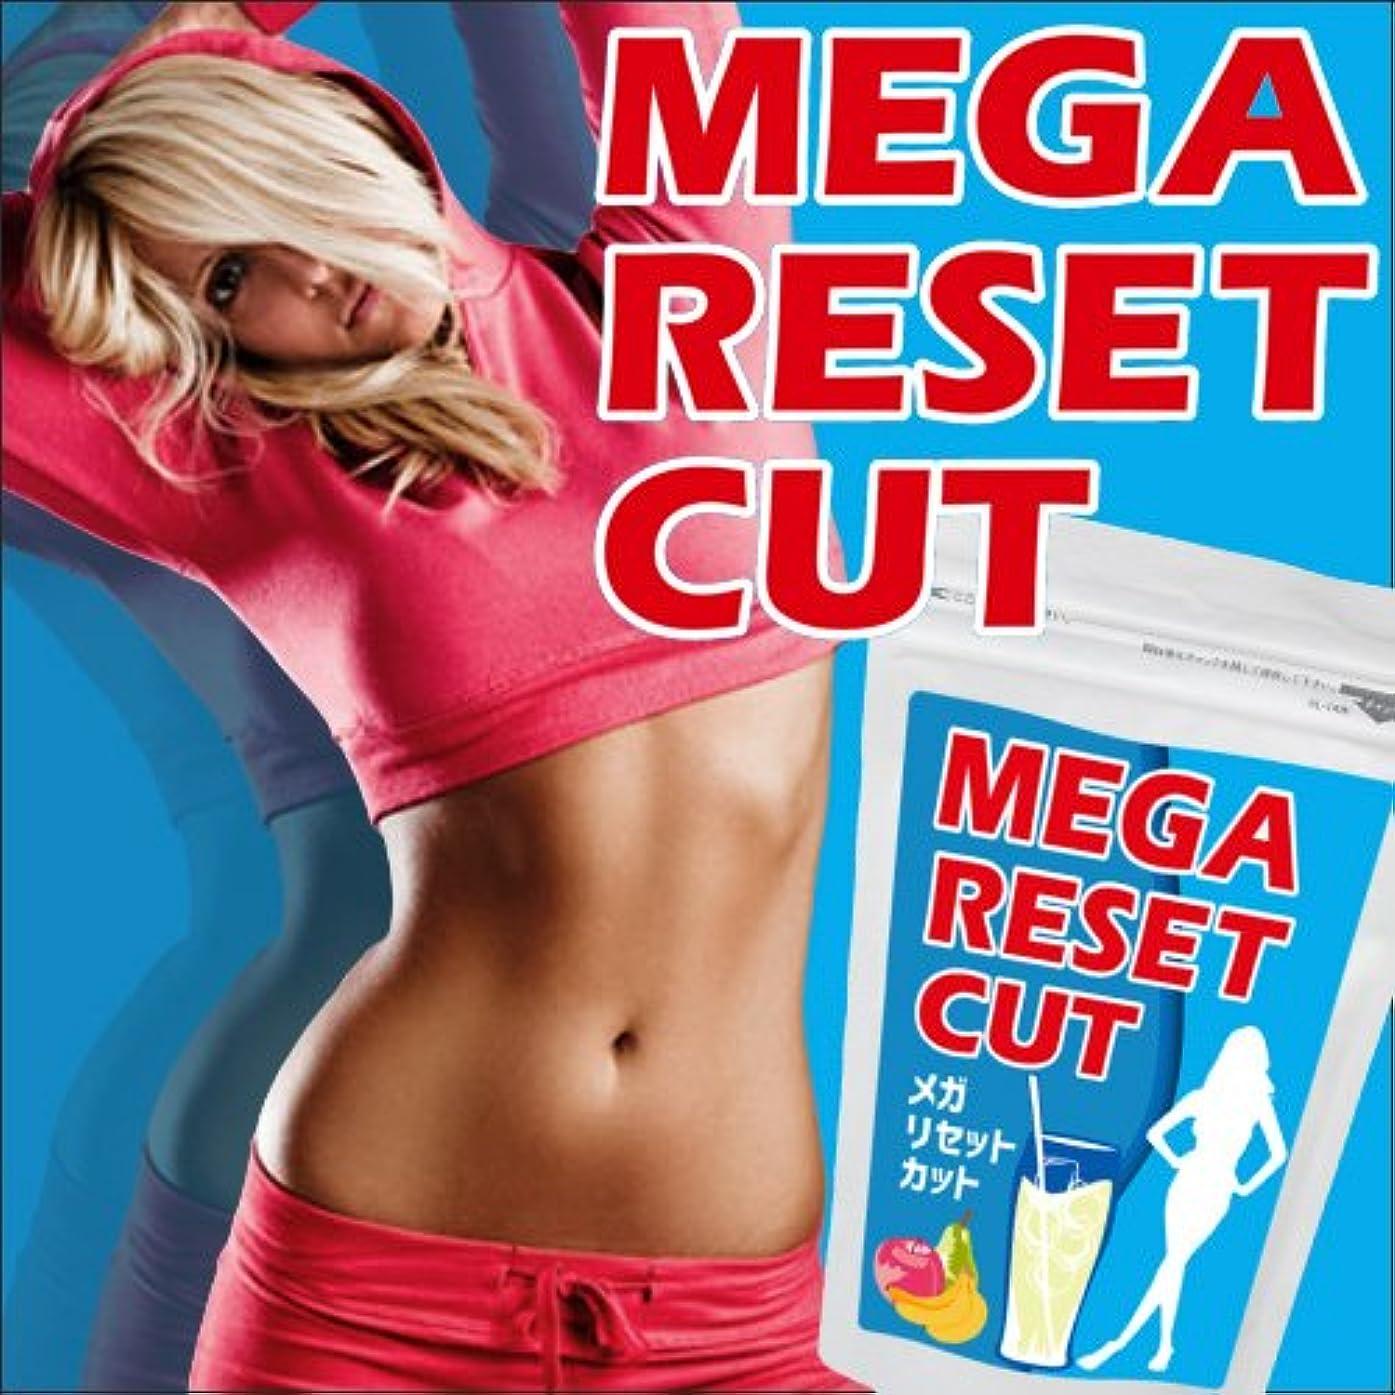 露どんよりした攻撃的MEGA RESET CUT(メガリセットカット)ダイエット ダイエットサプリ 送料無料